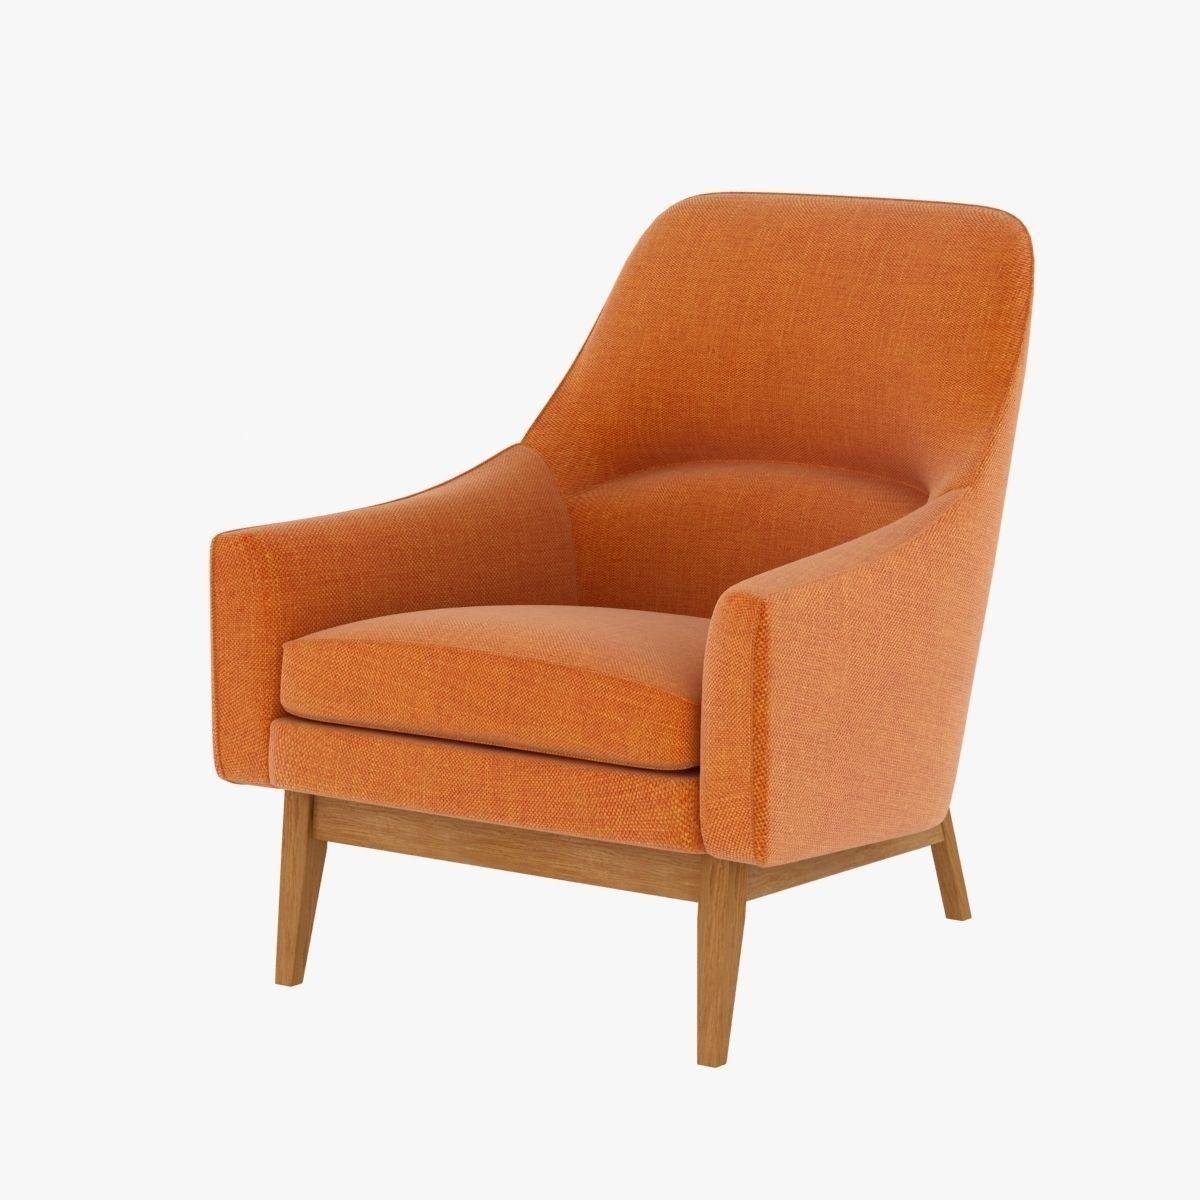 Ralph Pucci Jens Risom Chair 3d Model Max Obj 3ds Fbx